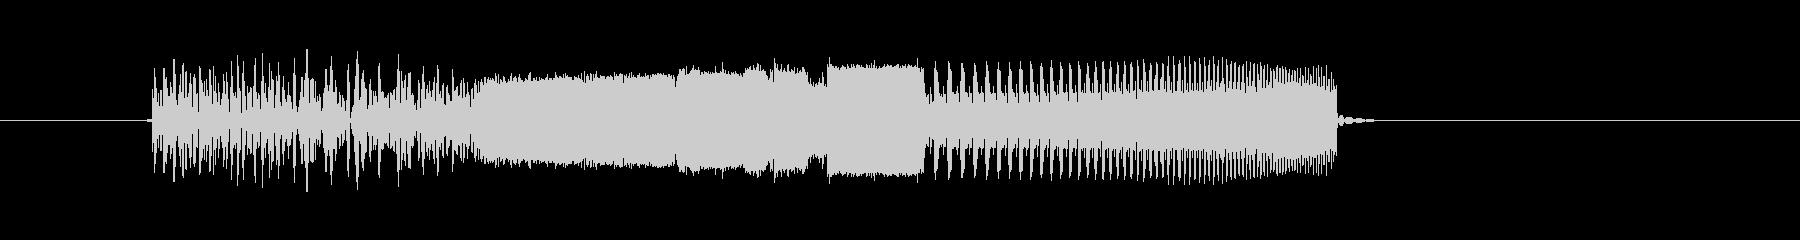 激しい通過音や回転音(番組、ジングル)の未再生の波形